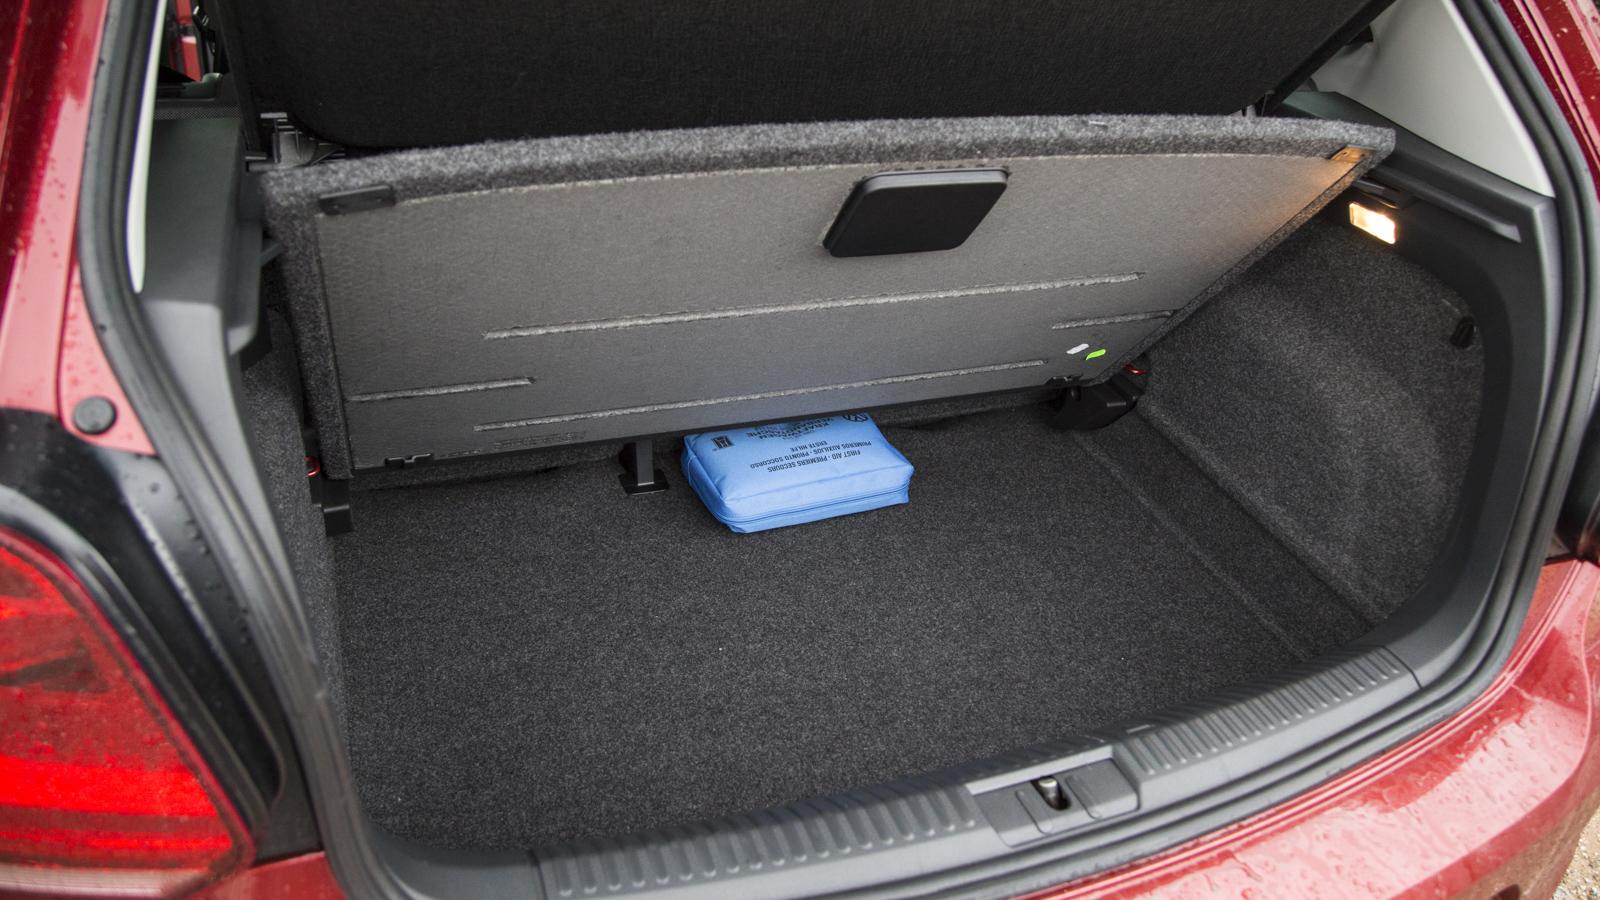 Test_Drive_VW_Polo_1.4_TDI_105_17